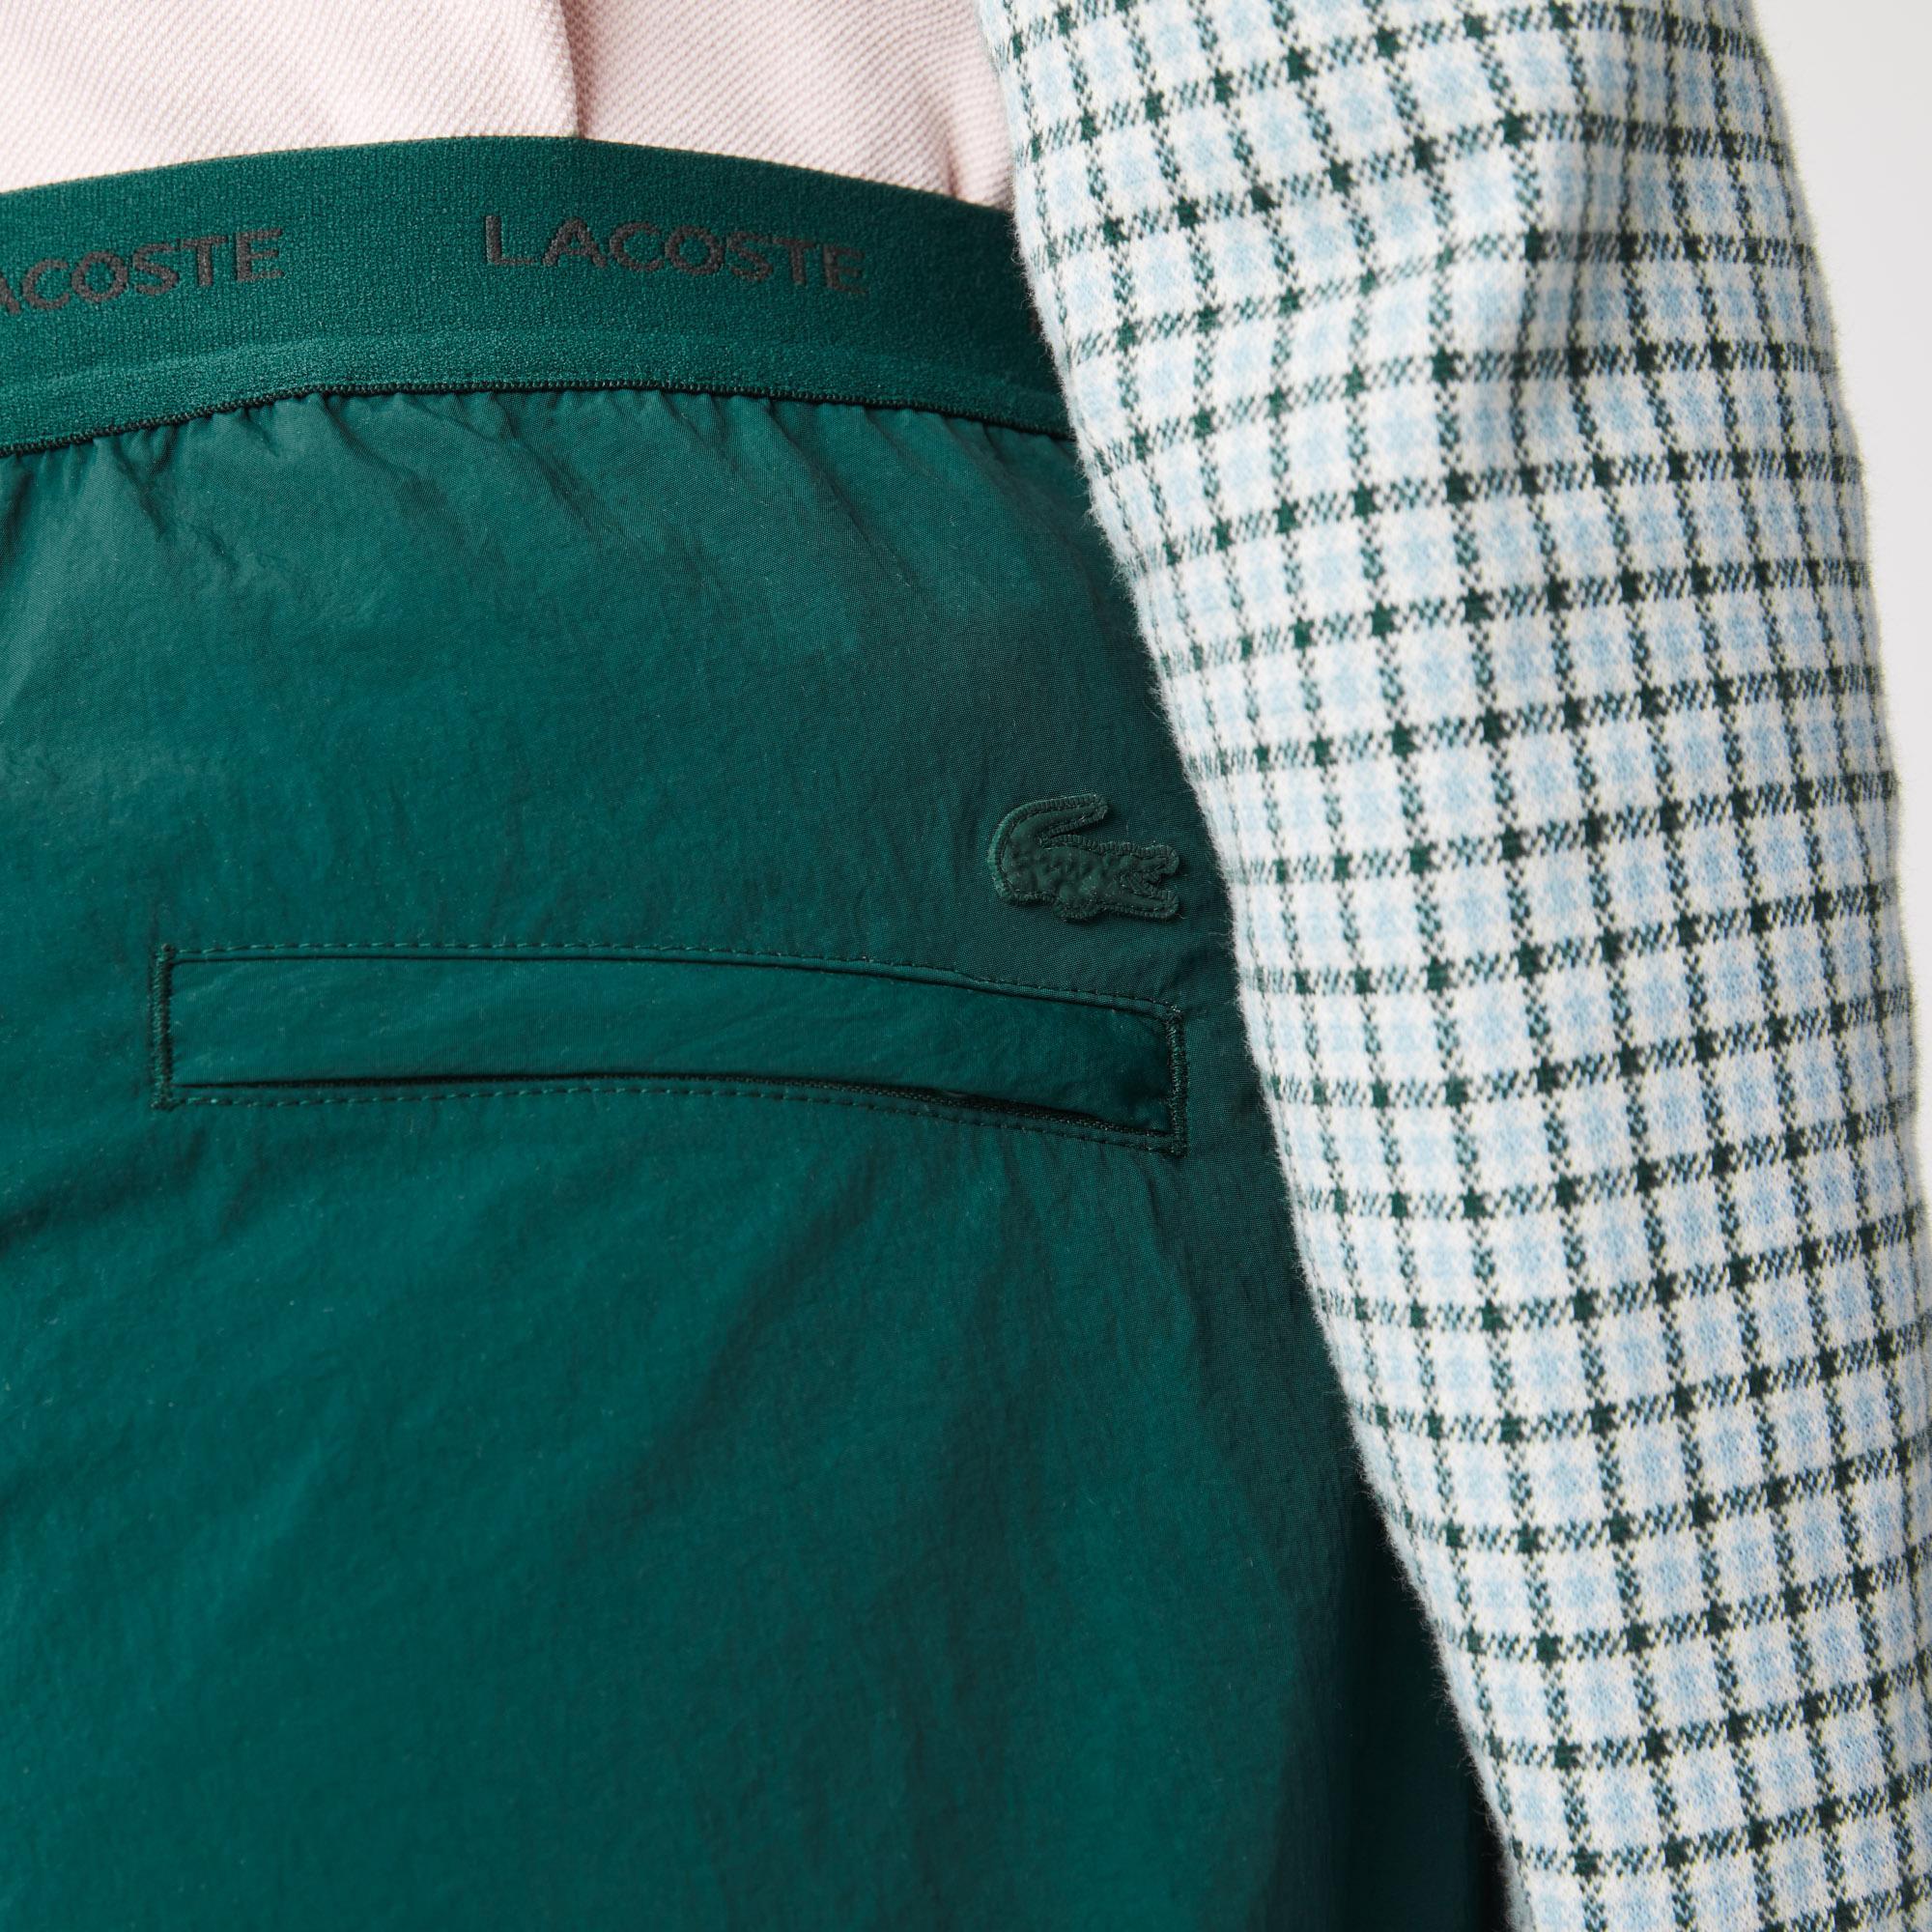 Lacoste Kadın Relaxed Fit Yeşil Eşofman Altı